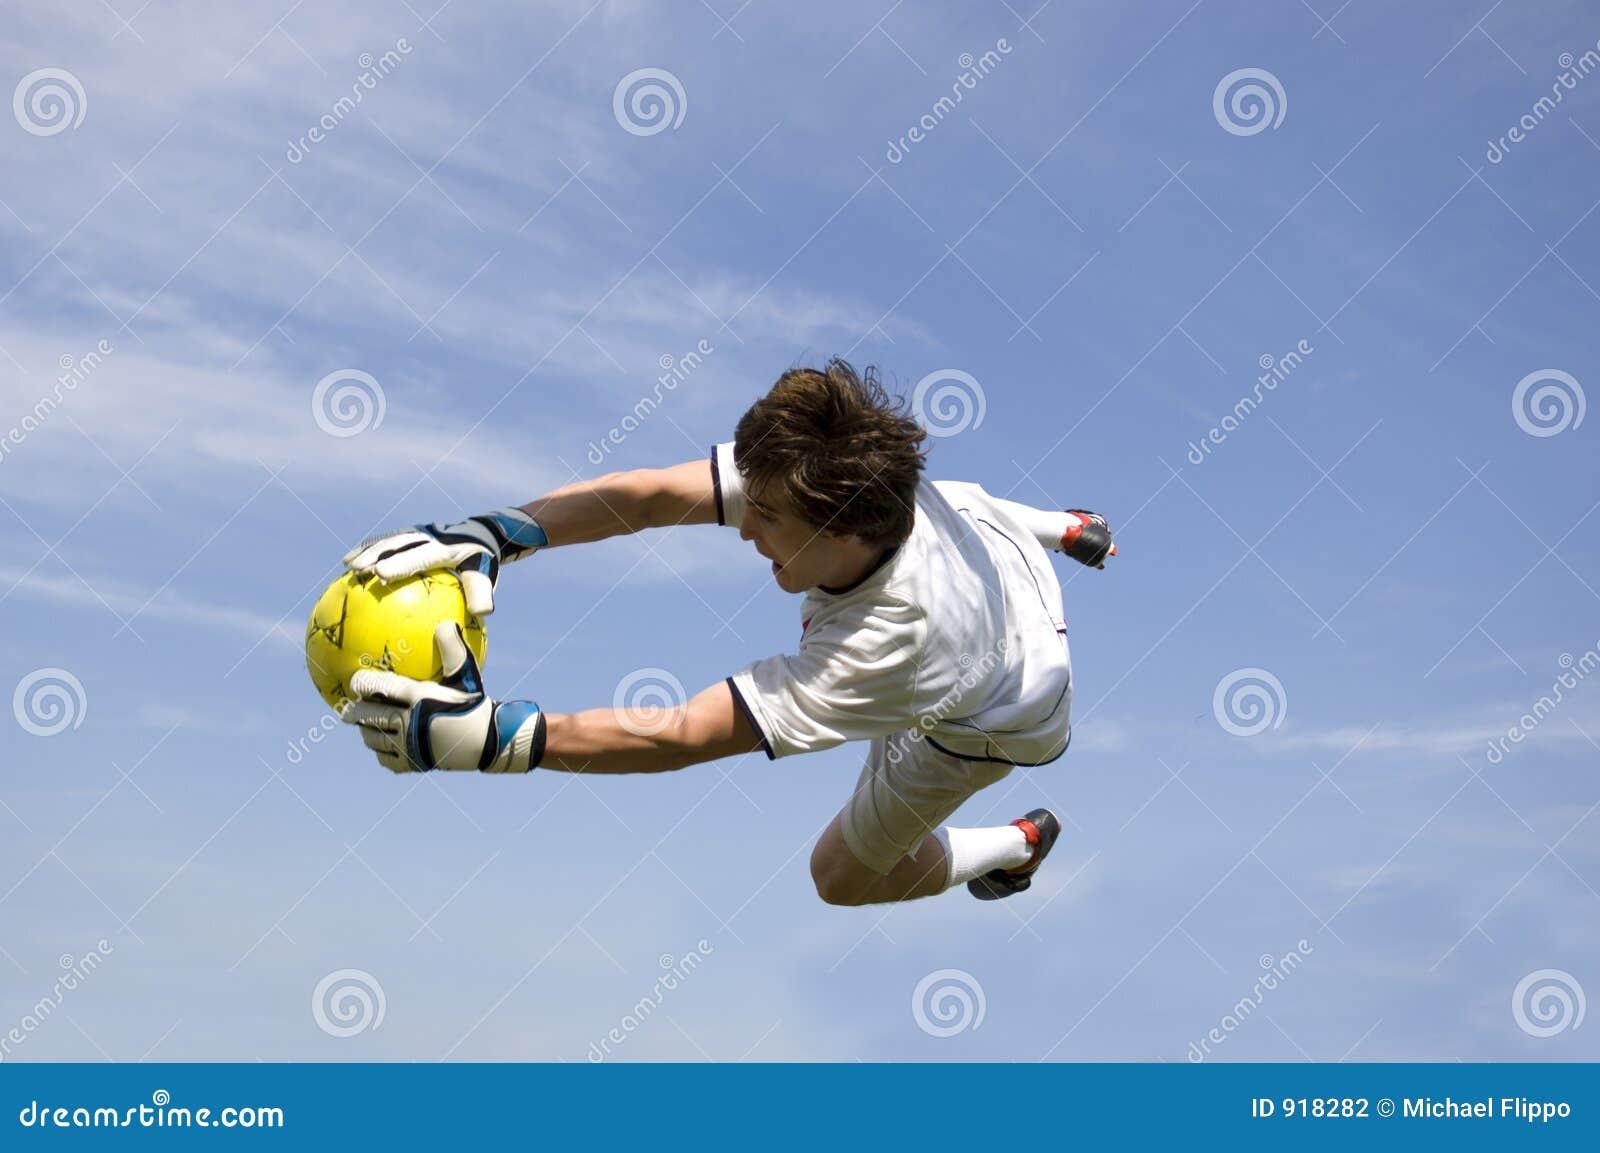 Voetbal - het Maken van de Bewaarder van het Doel van de Voetbal spaart